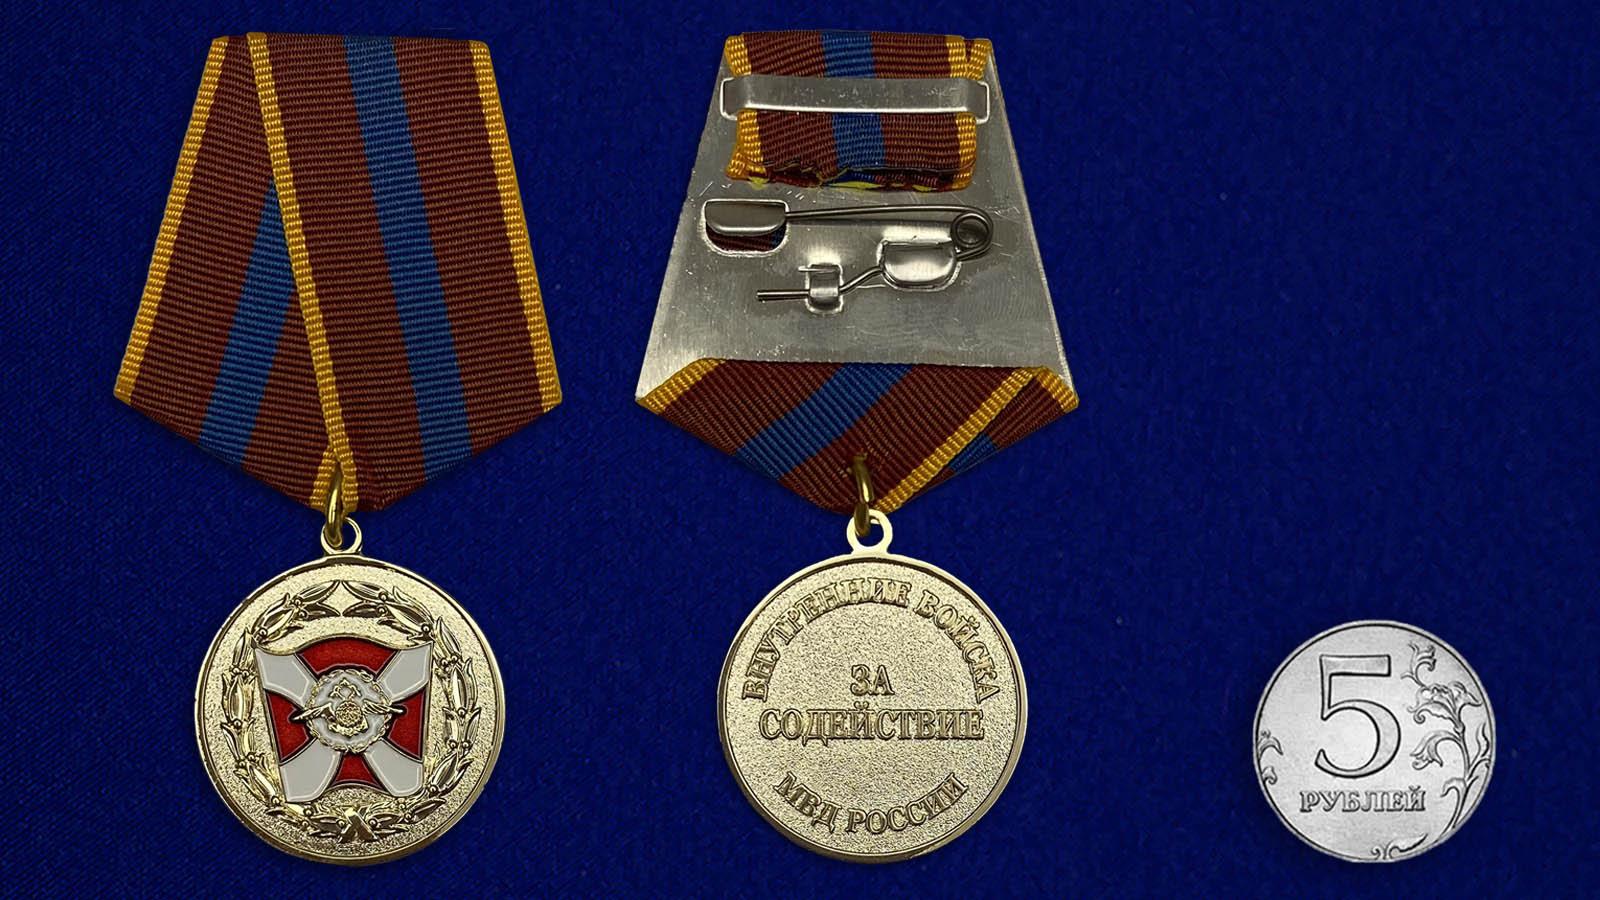 Медаль ВВ МВД России «За содействие» - сравнительный размер